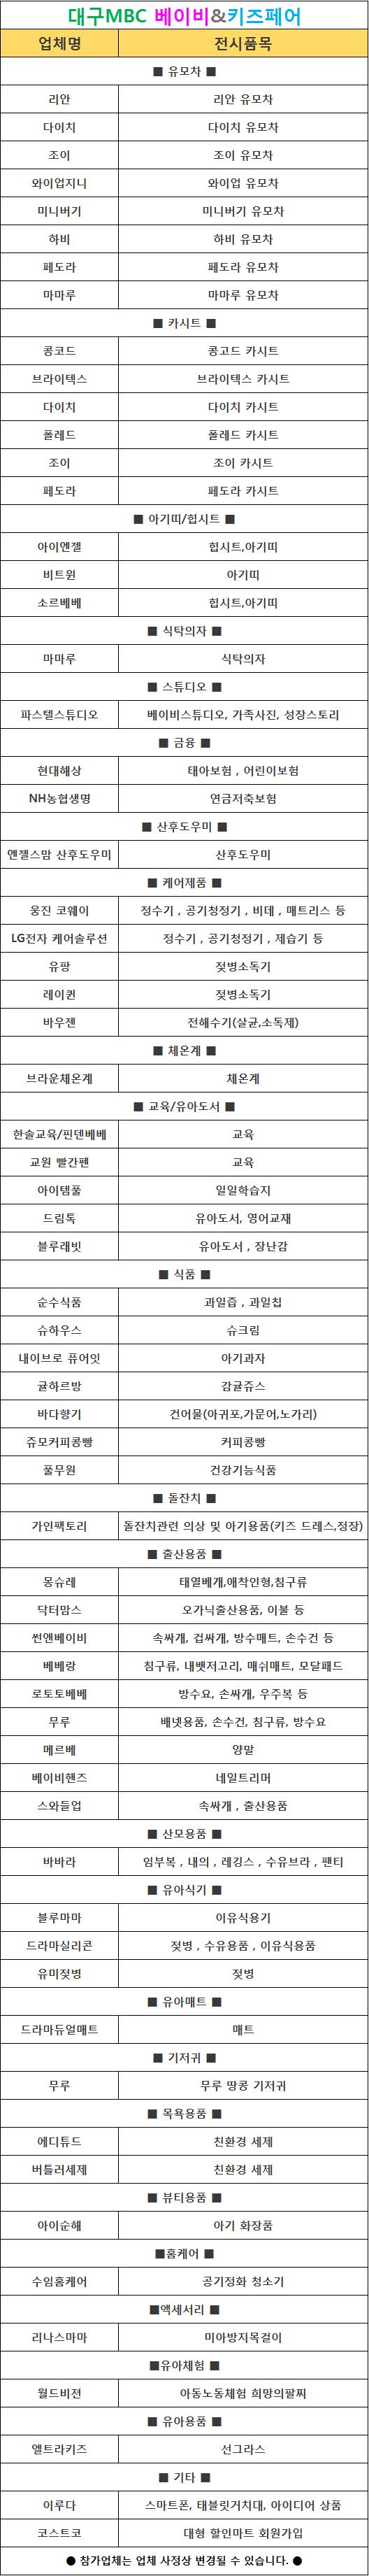 참가업체리스트1.png